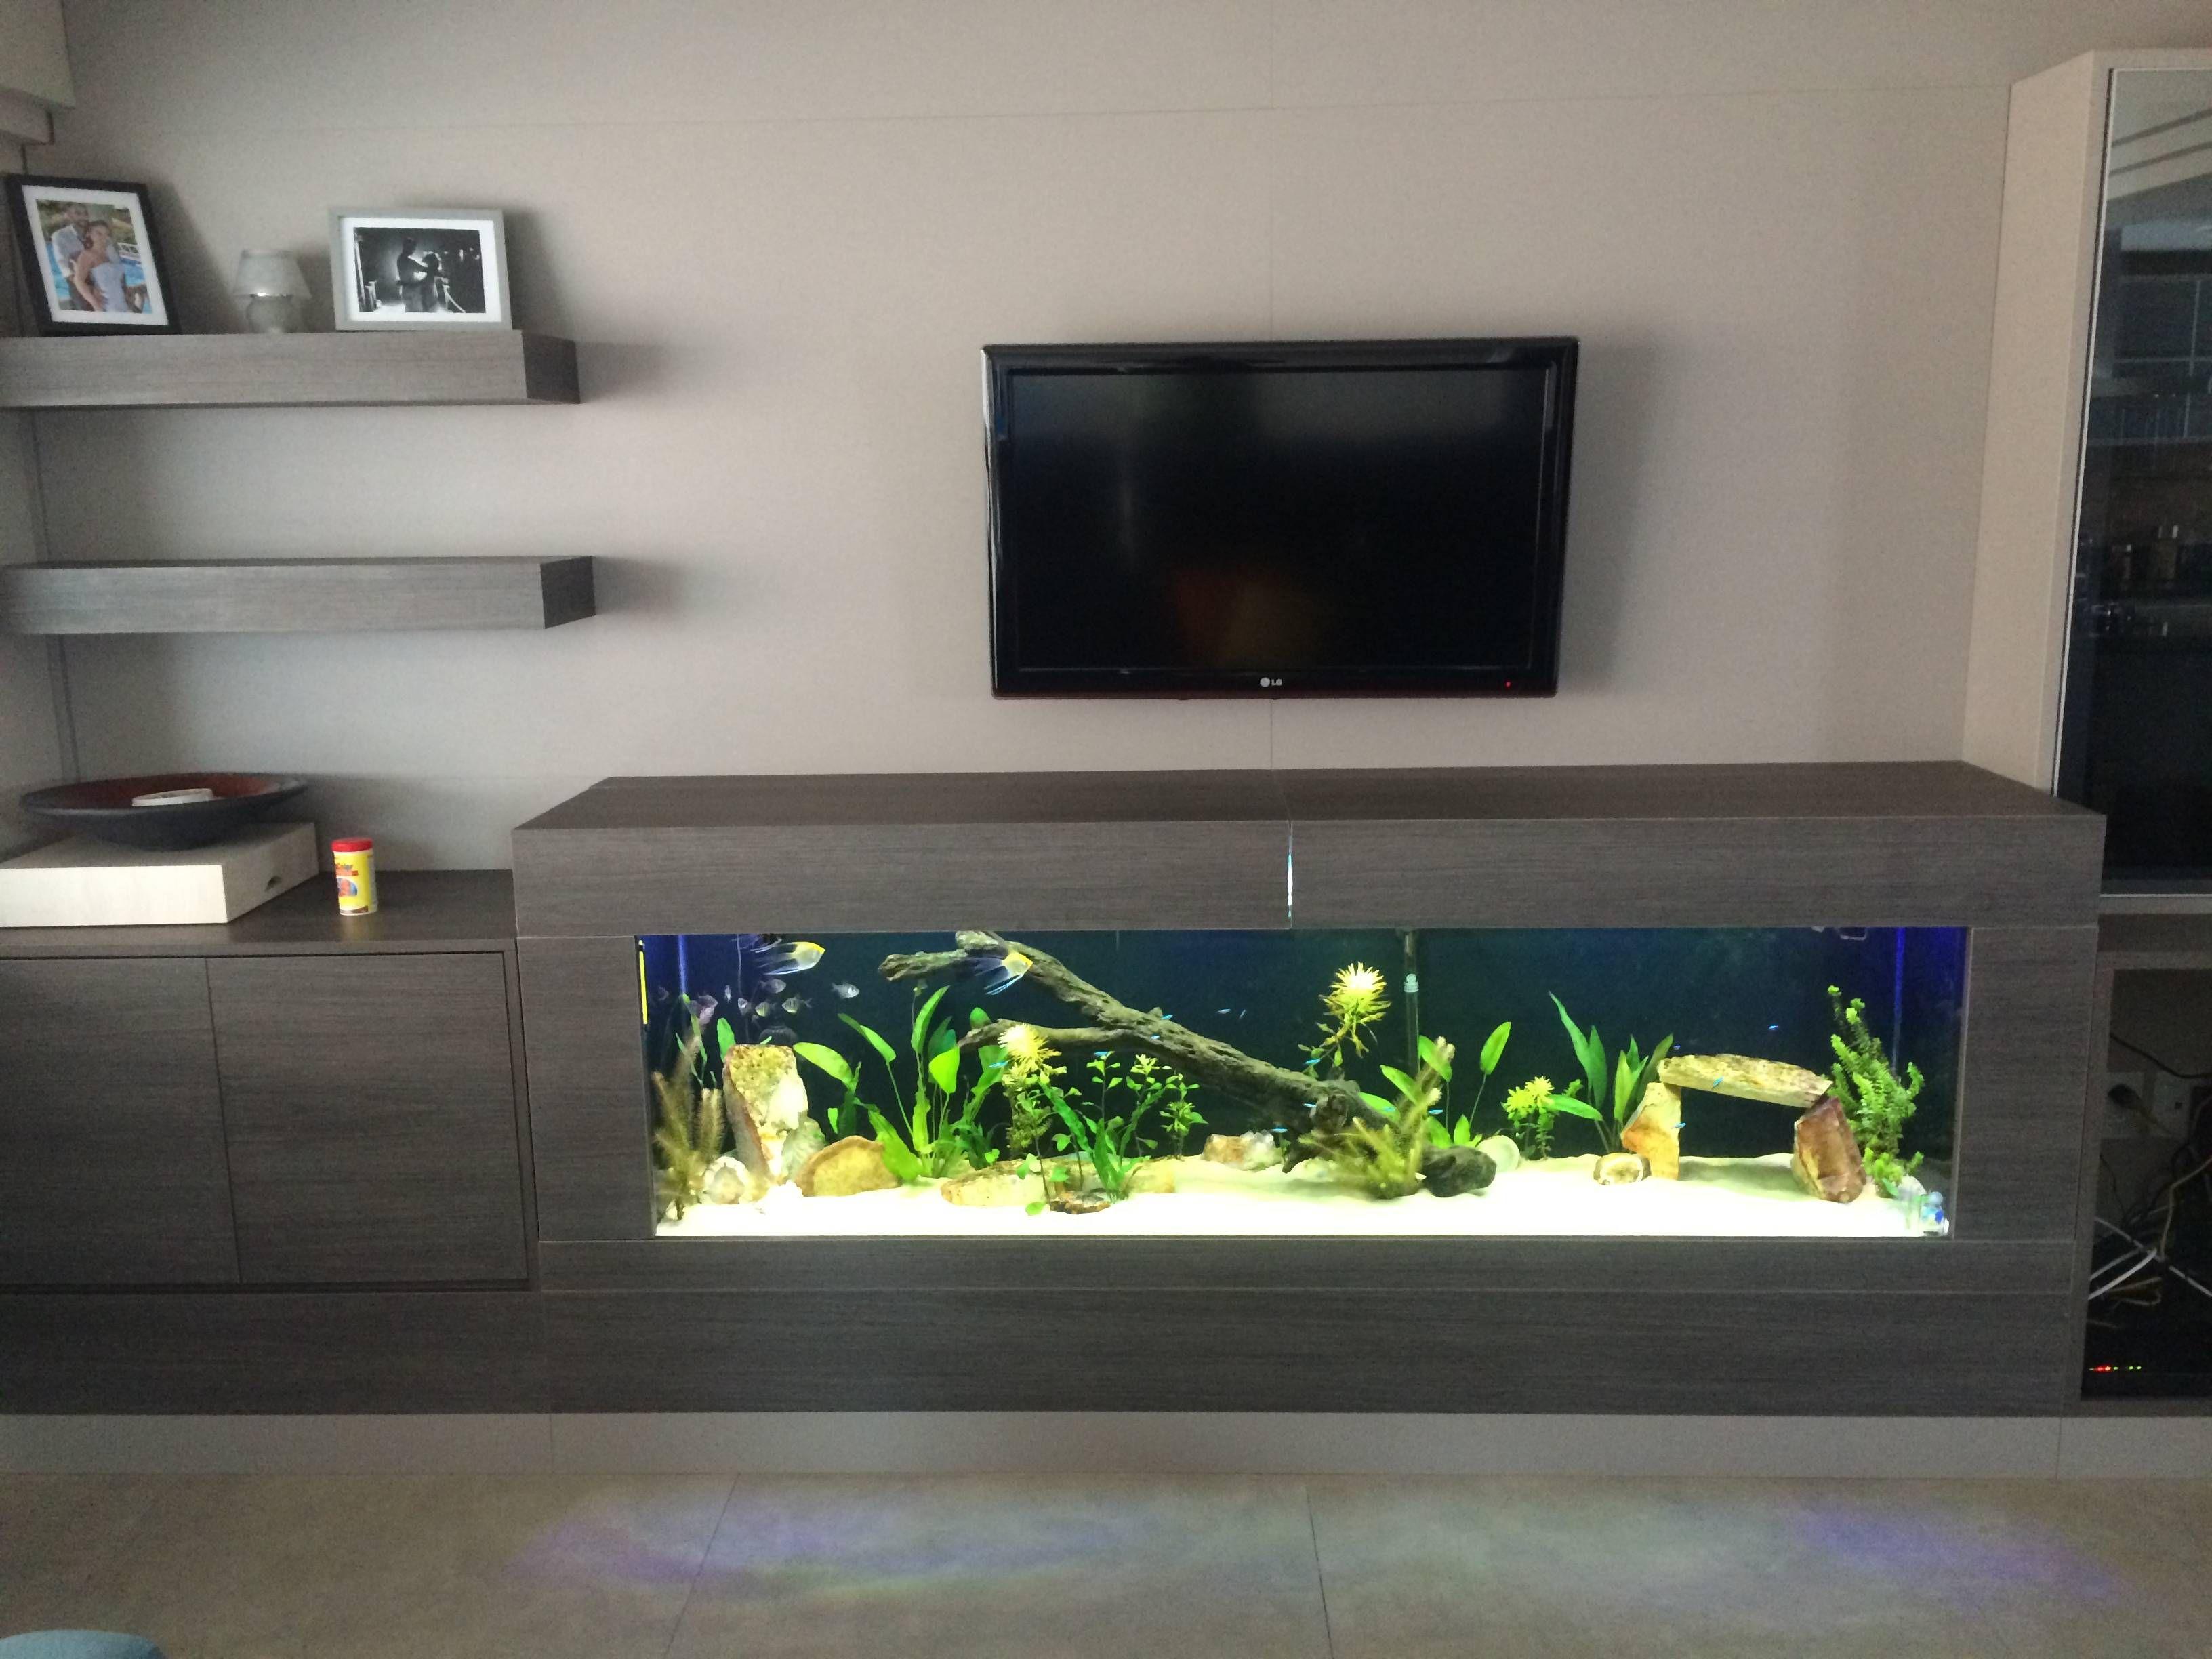 Clique aqui para ampliar a imagem aqu rio pinterest - Meuble tv aquarium ...